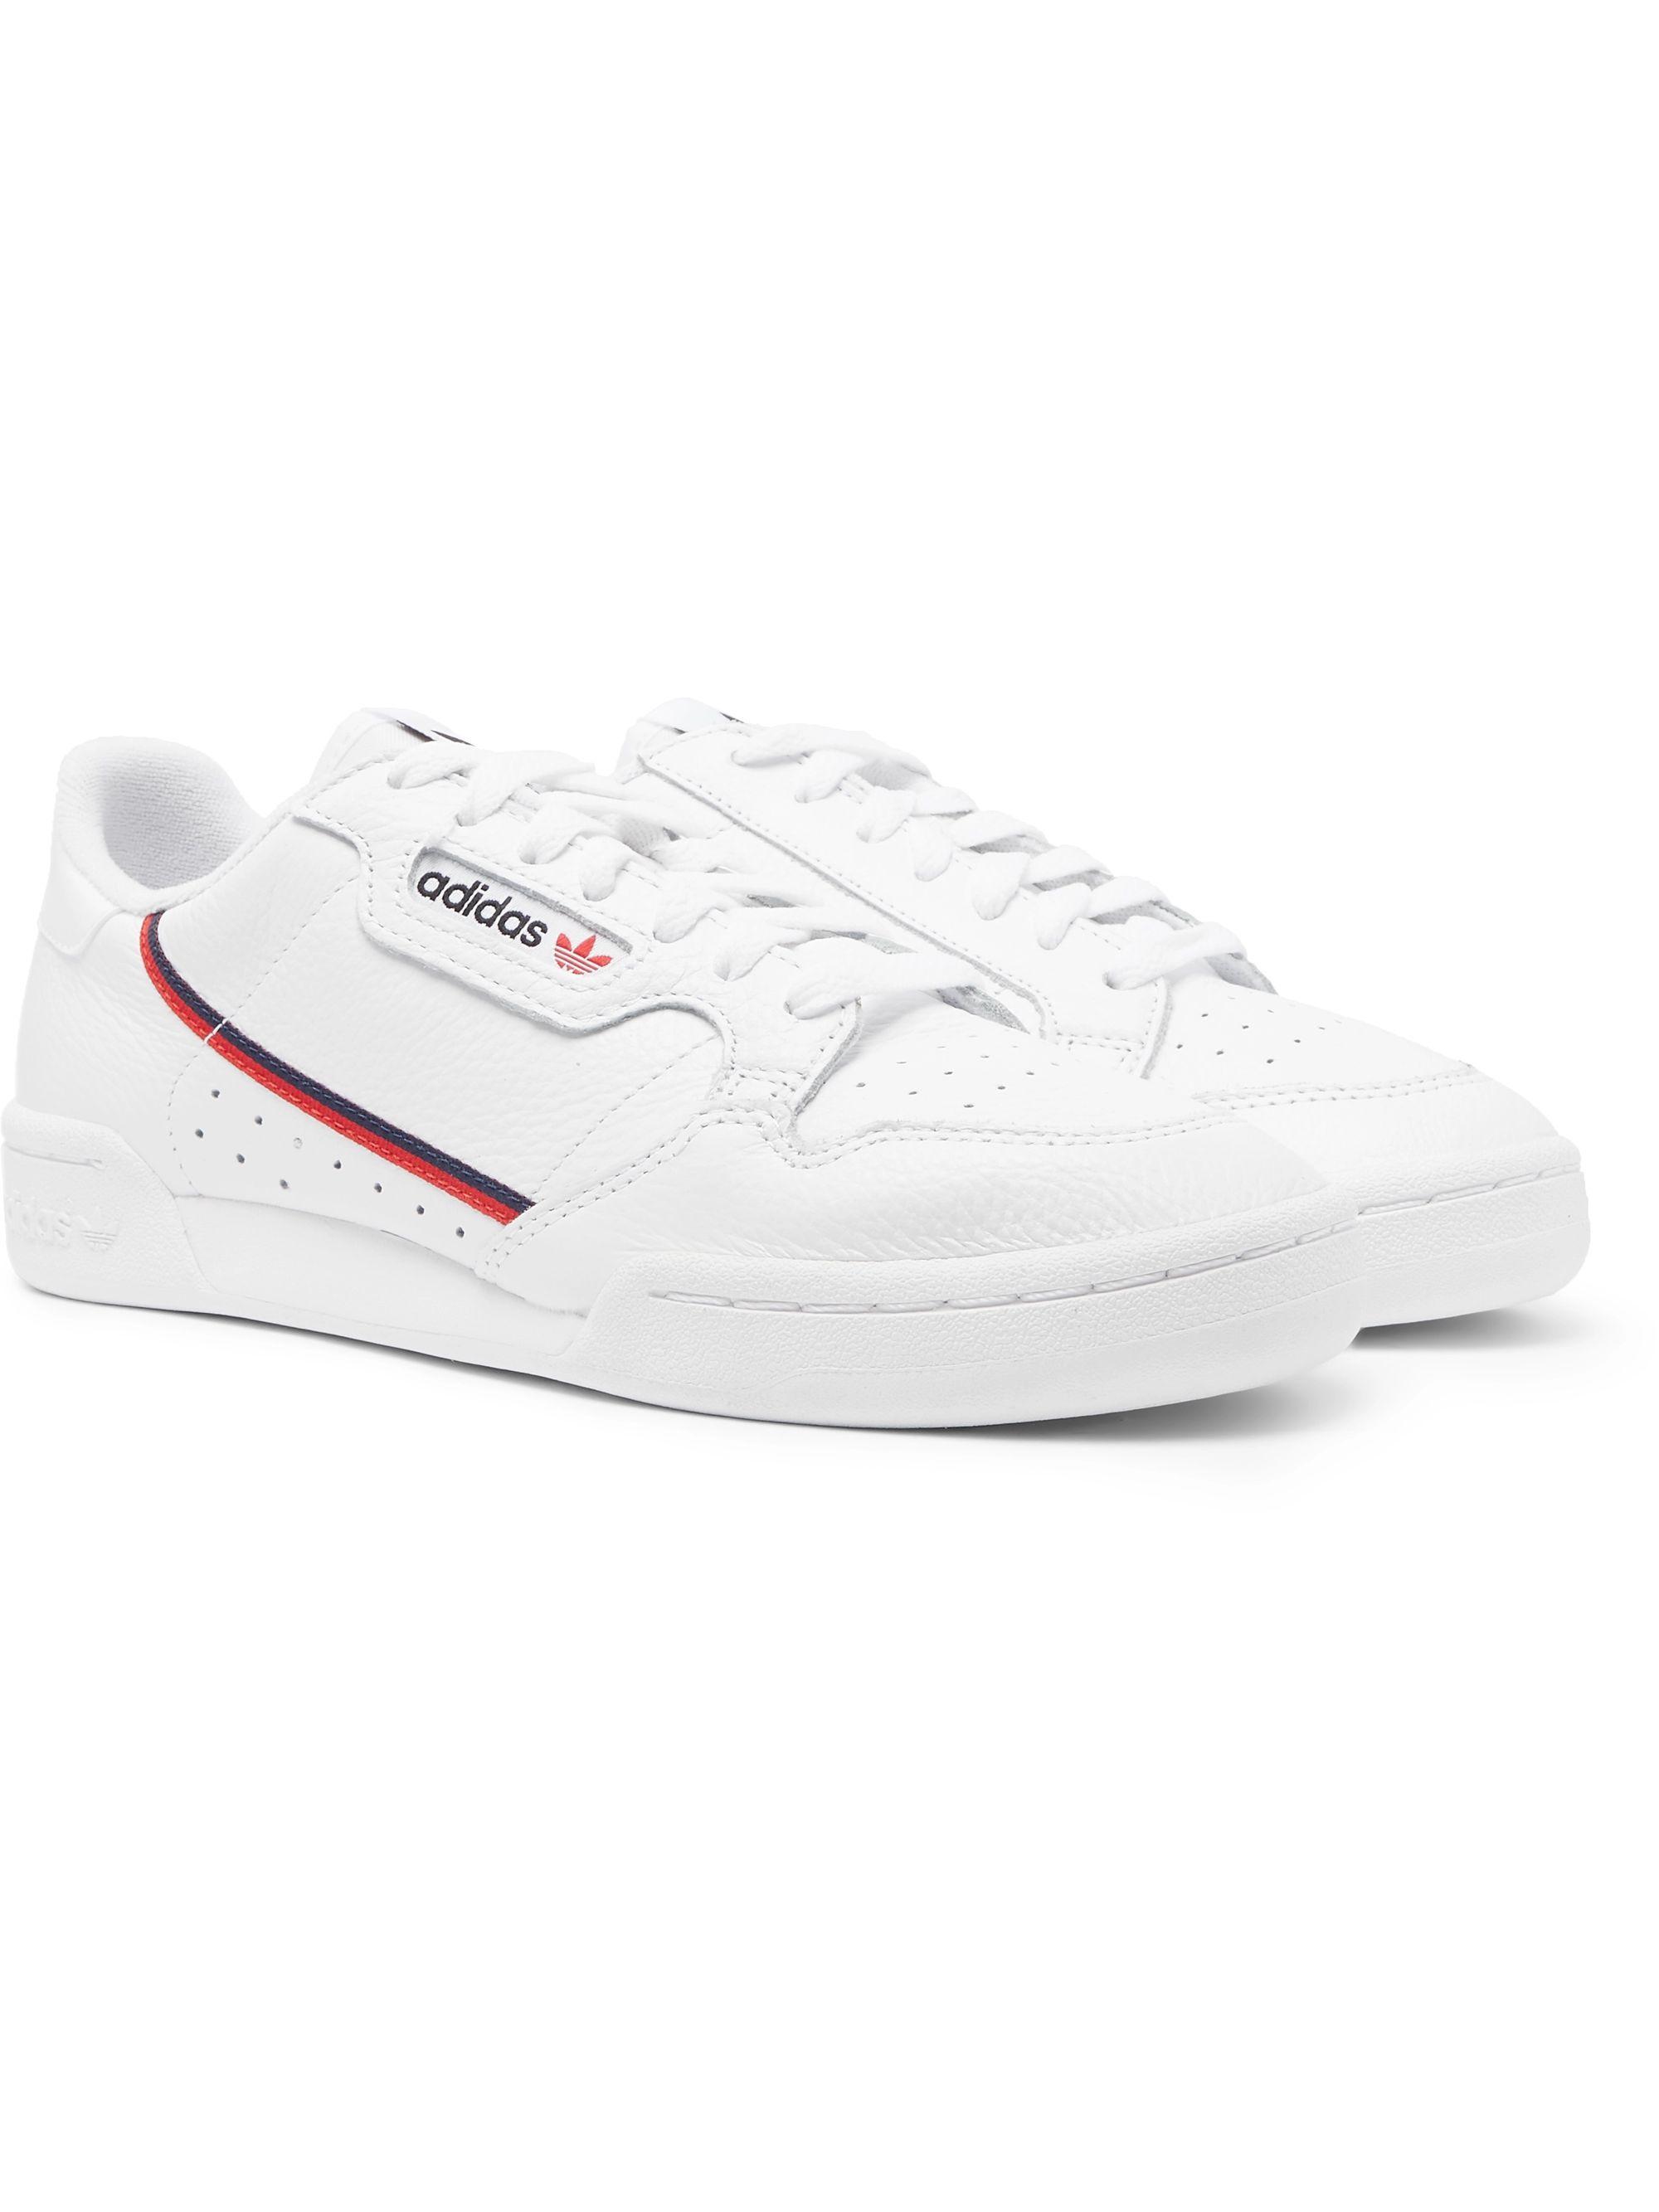 아디다스 Adidas Continental 80 Full-Grain Leather Sneakers,White